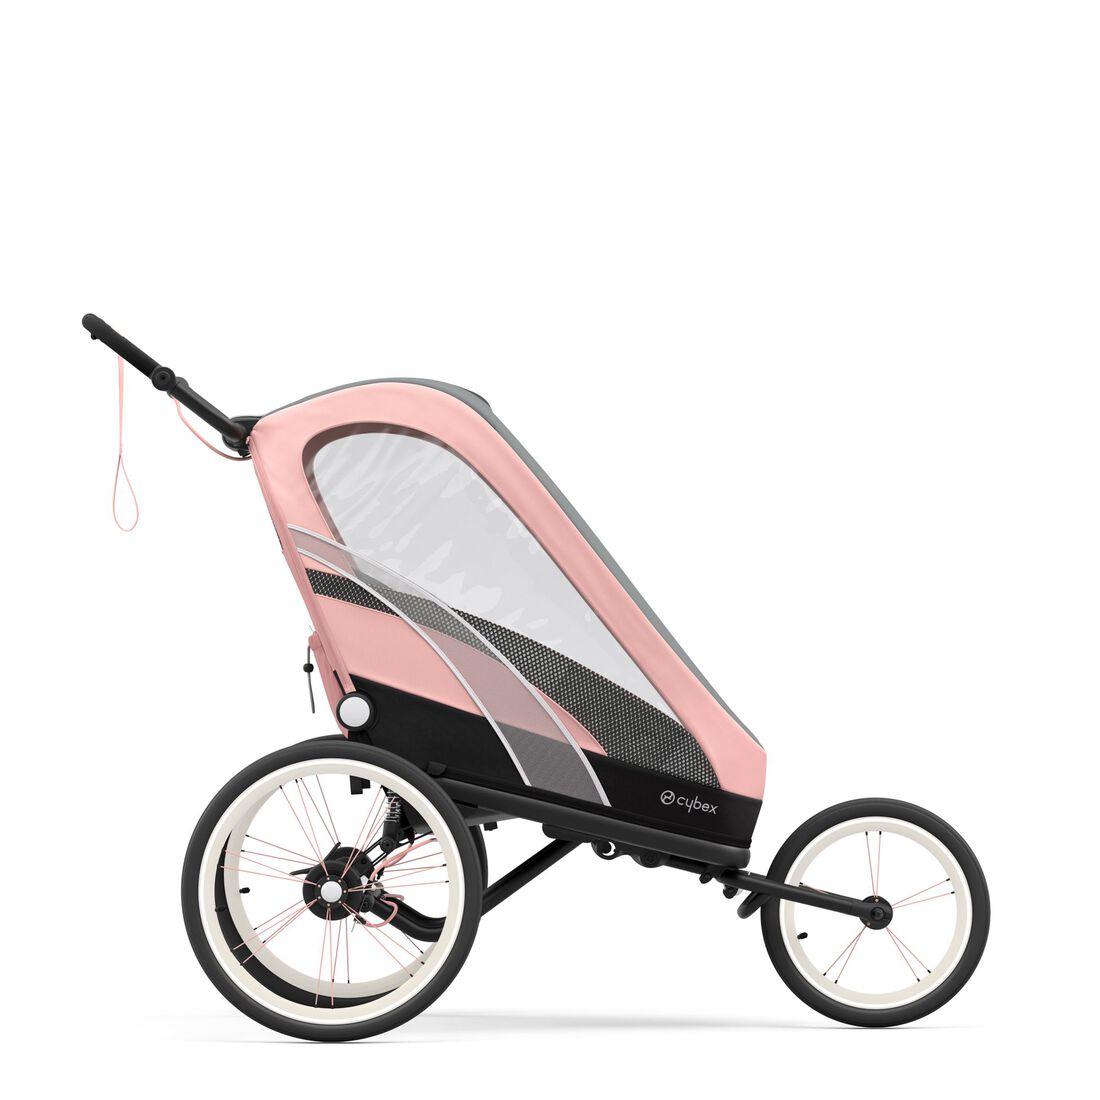 CYBEX Zeno Rahmen - Schwarz mit pinken Details in Black With Pink Details large Bild 4